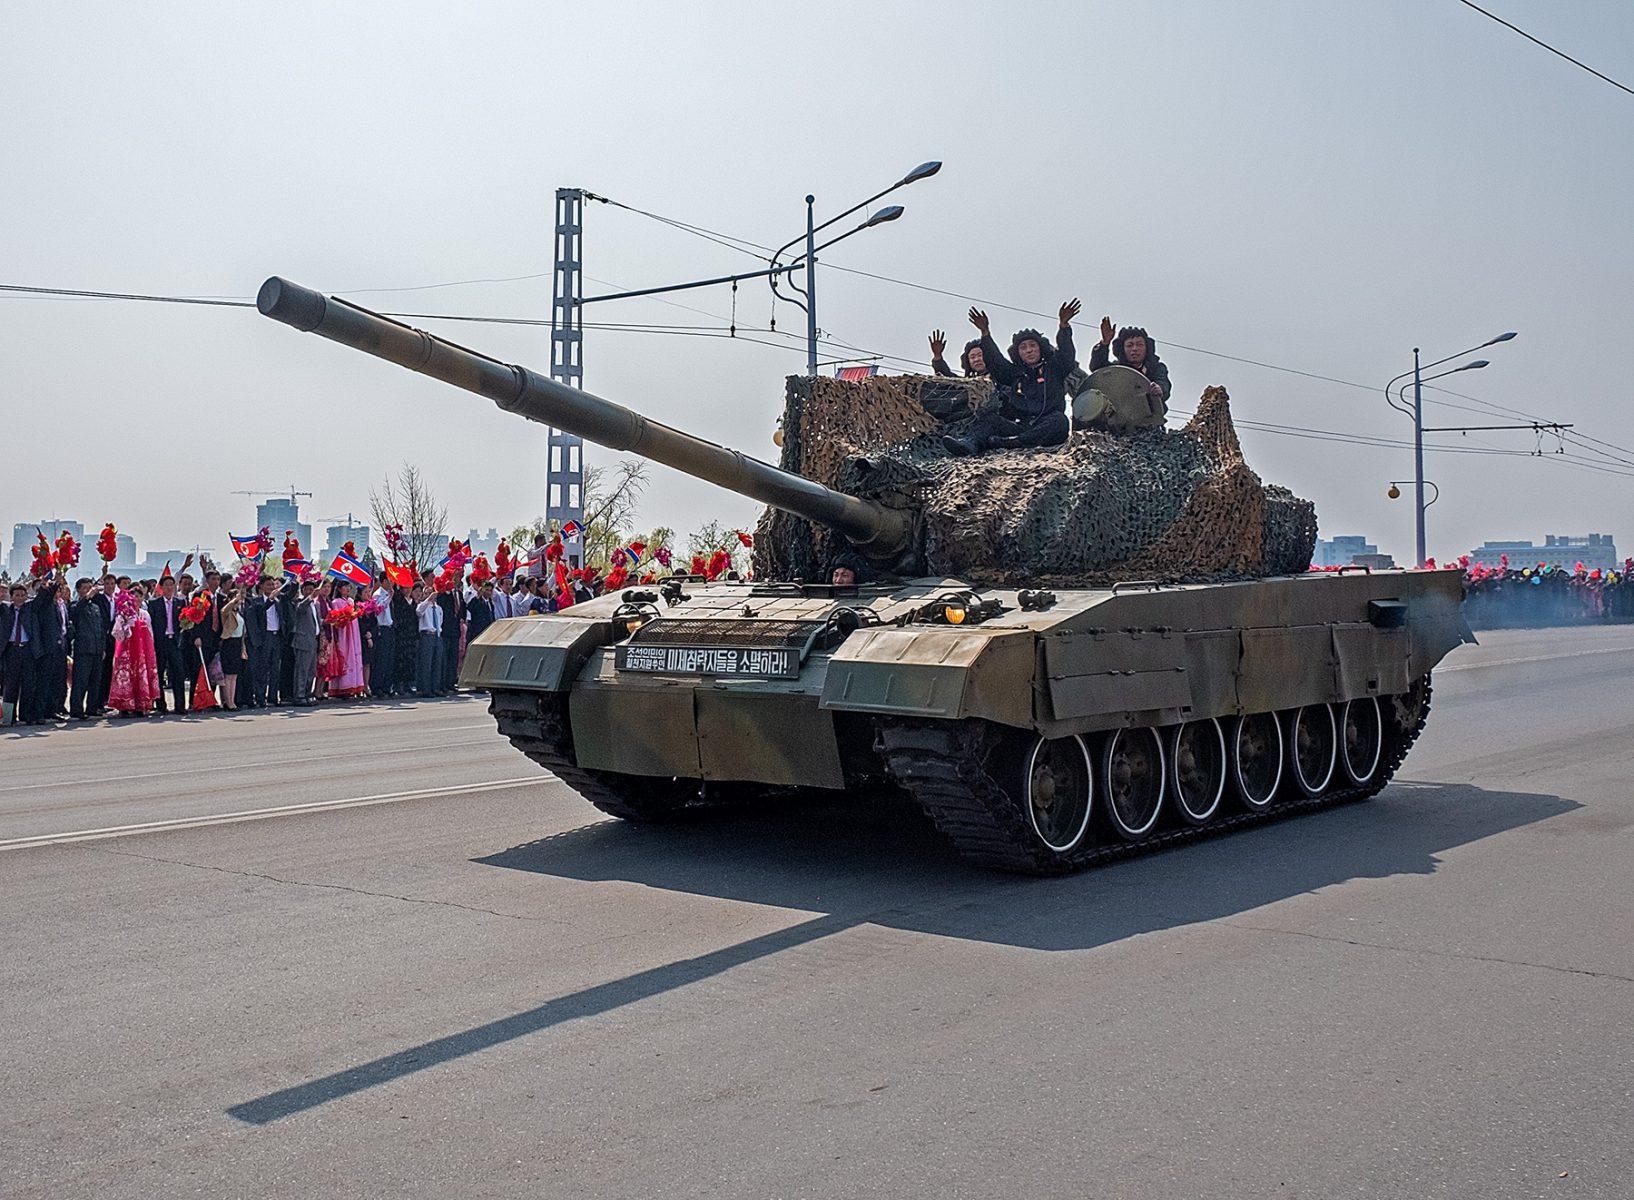 Vorbeifahrender Panzer mit winkenden Soldaten